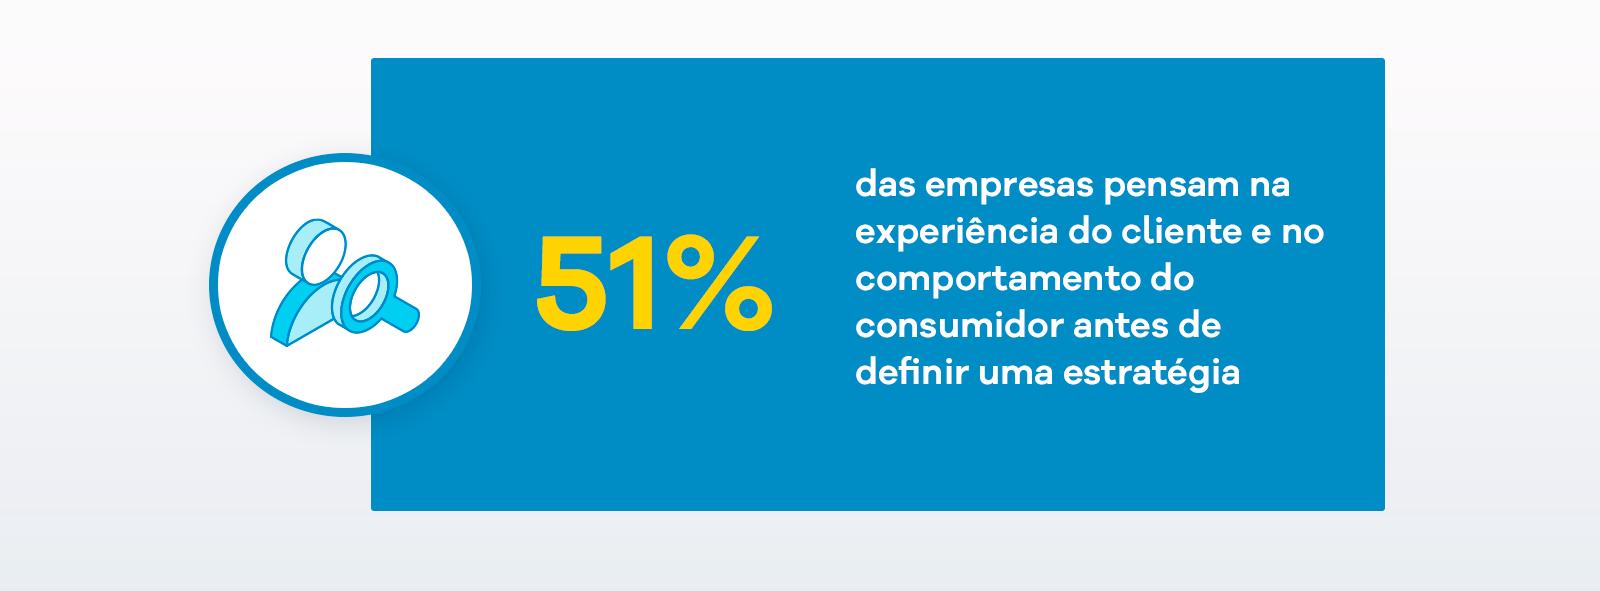 experiencia-consumidor-para-melhorar-processos